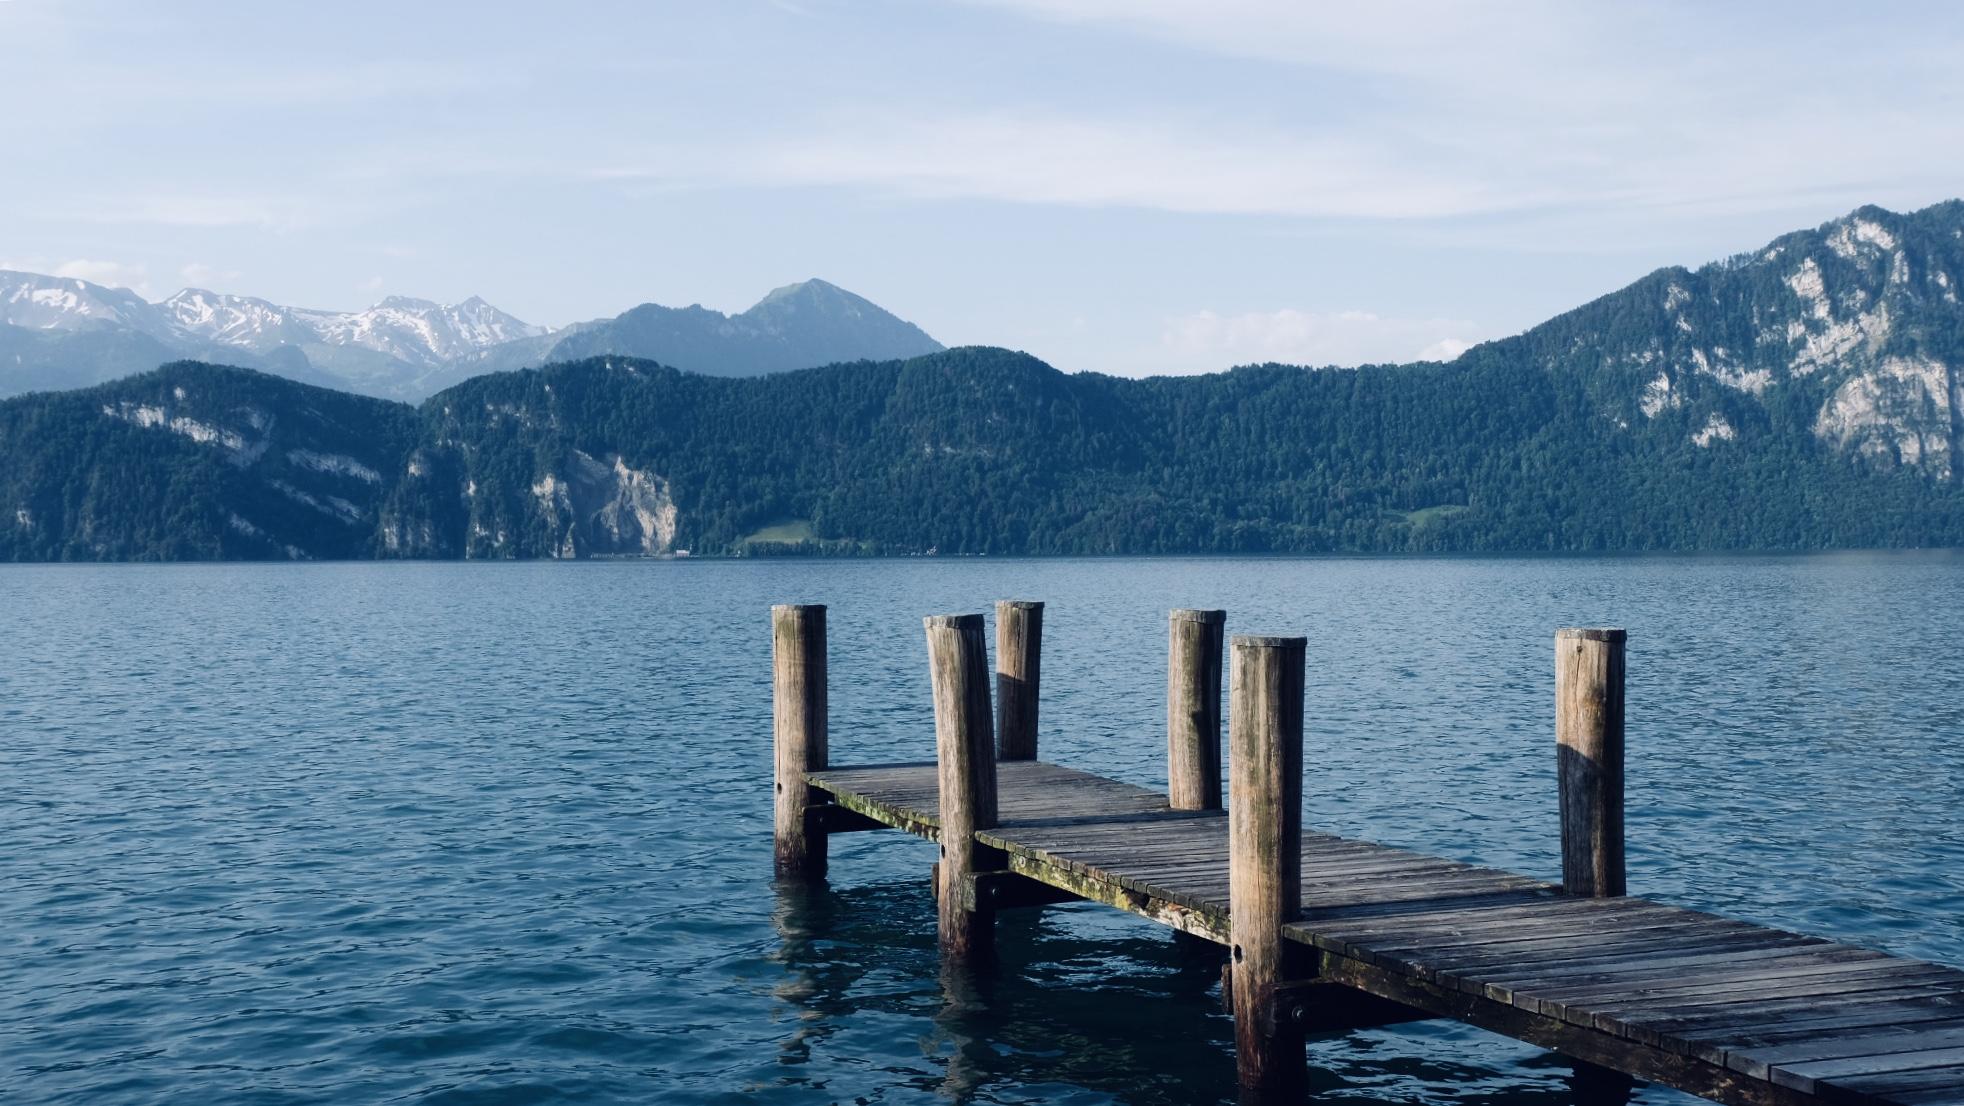 Lake view at Seestrasse, Weggis, Switzerland, Switzerland